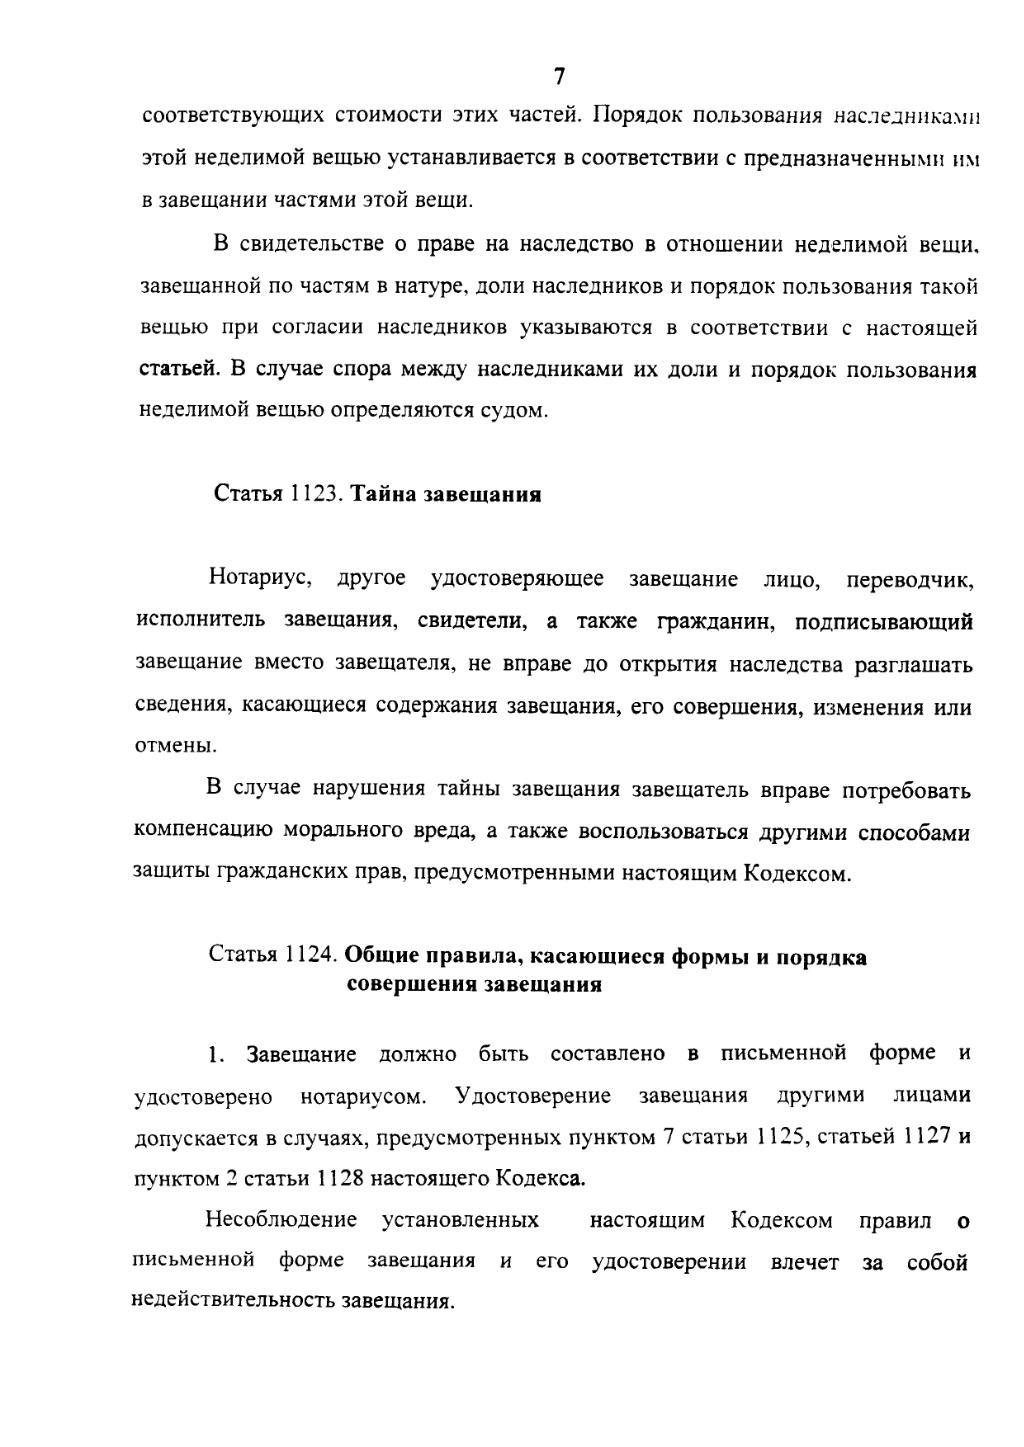 Страница Гражданский кодекс РФ, часть 3.djvu 7 — Викитека 170d61111e5